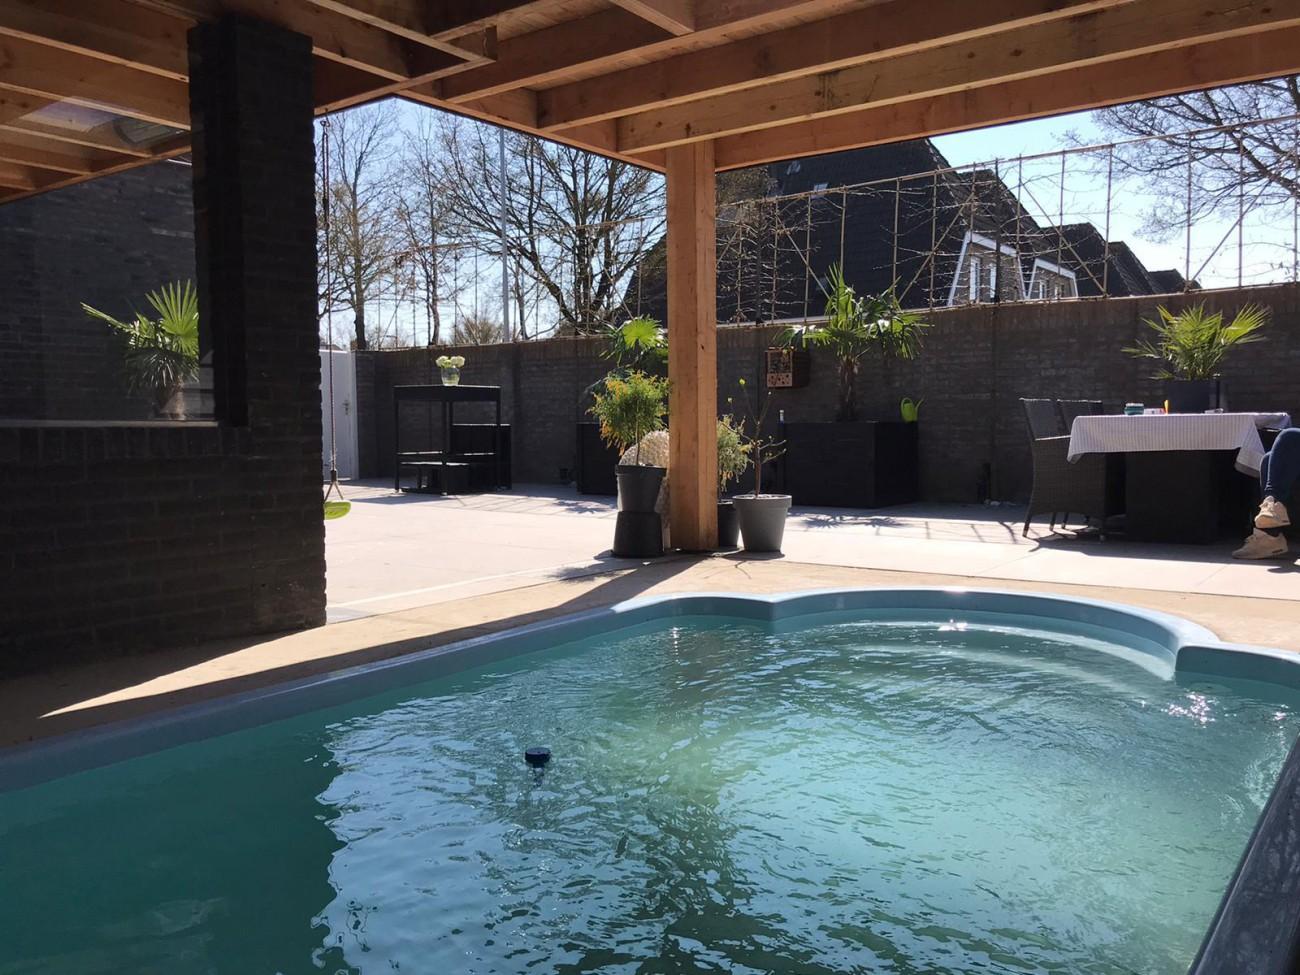 een zwembad in de tuin